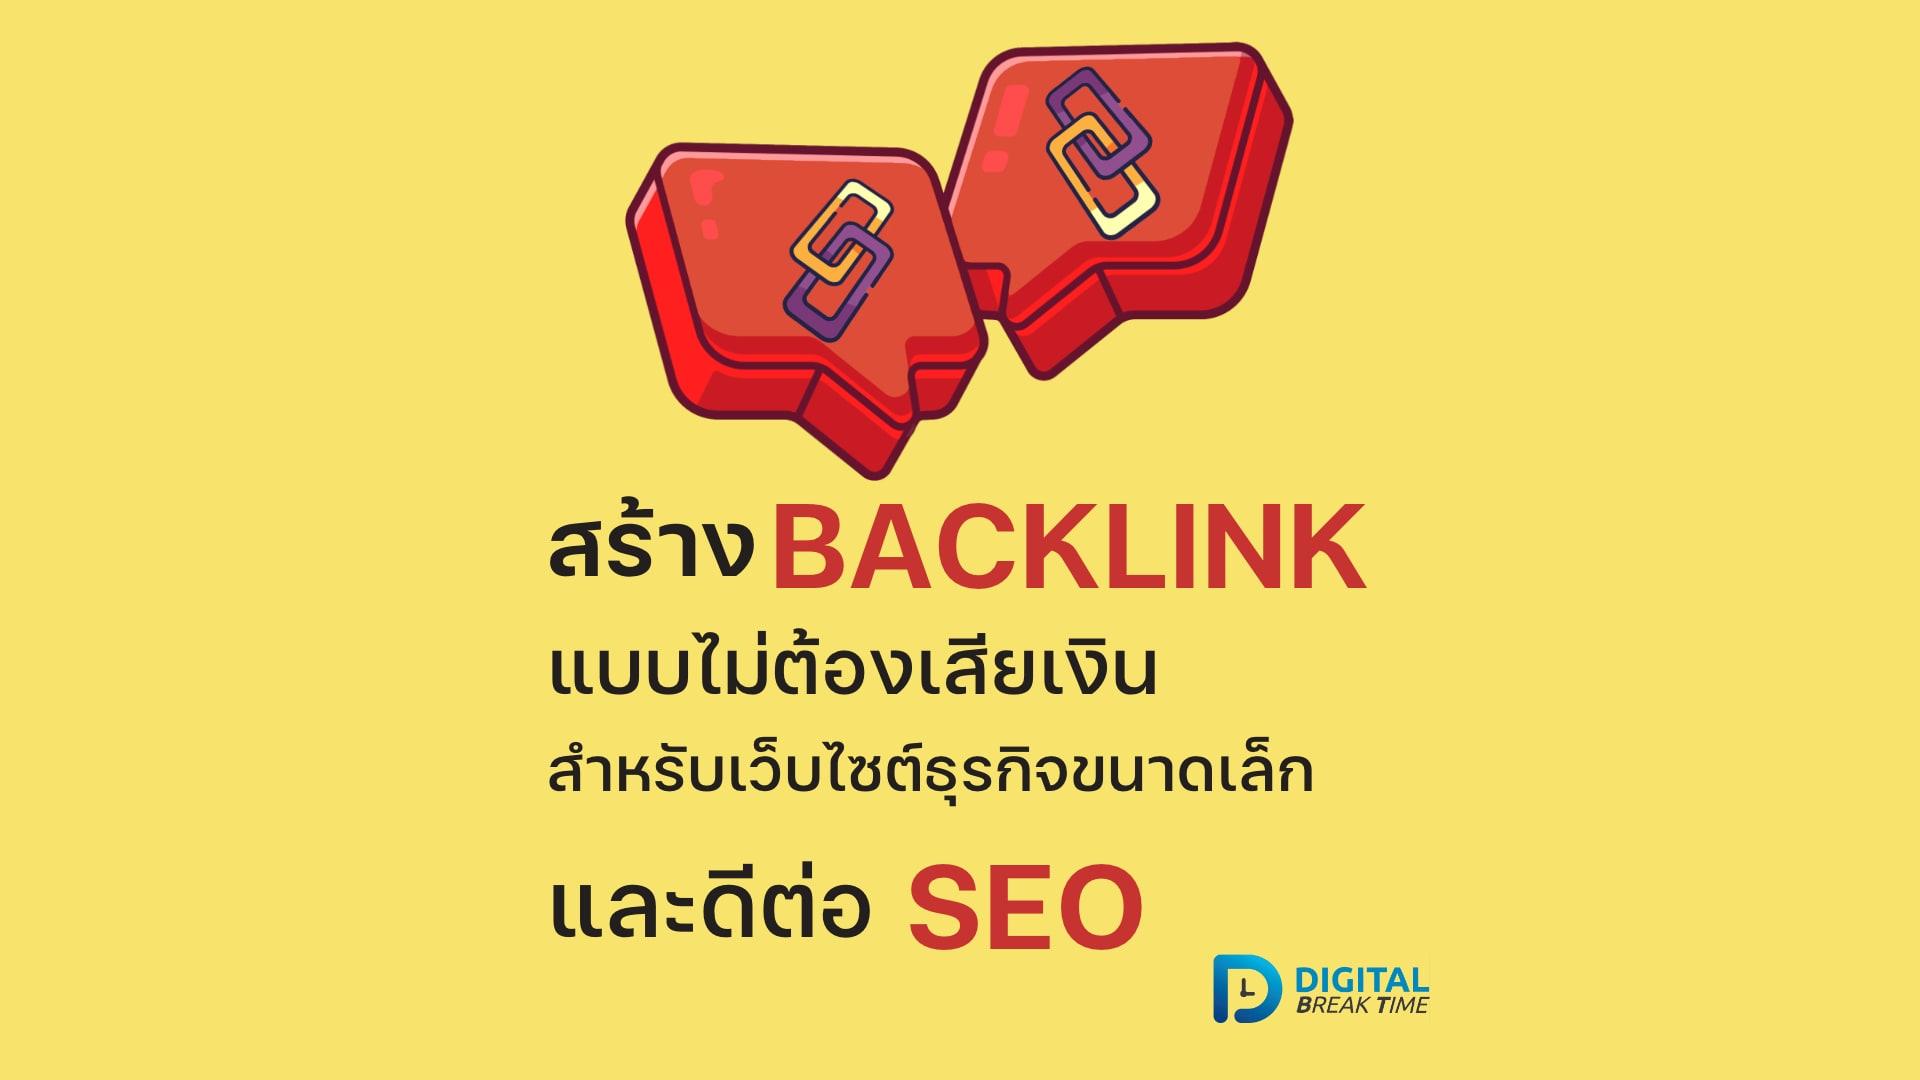 สร้าง Backlink cover